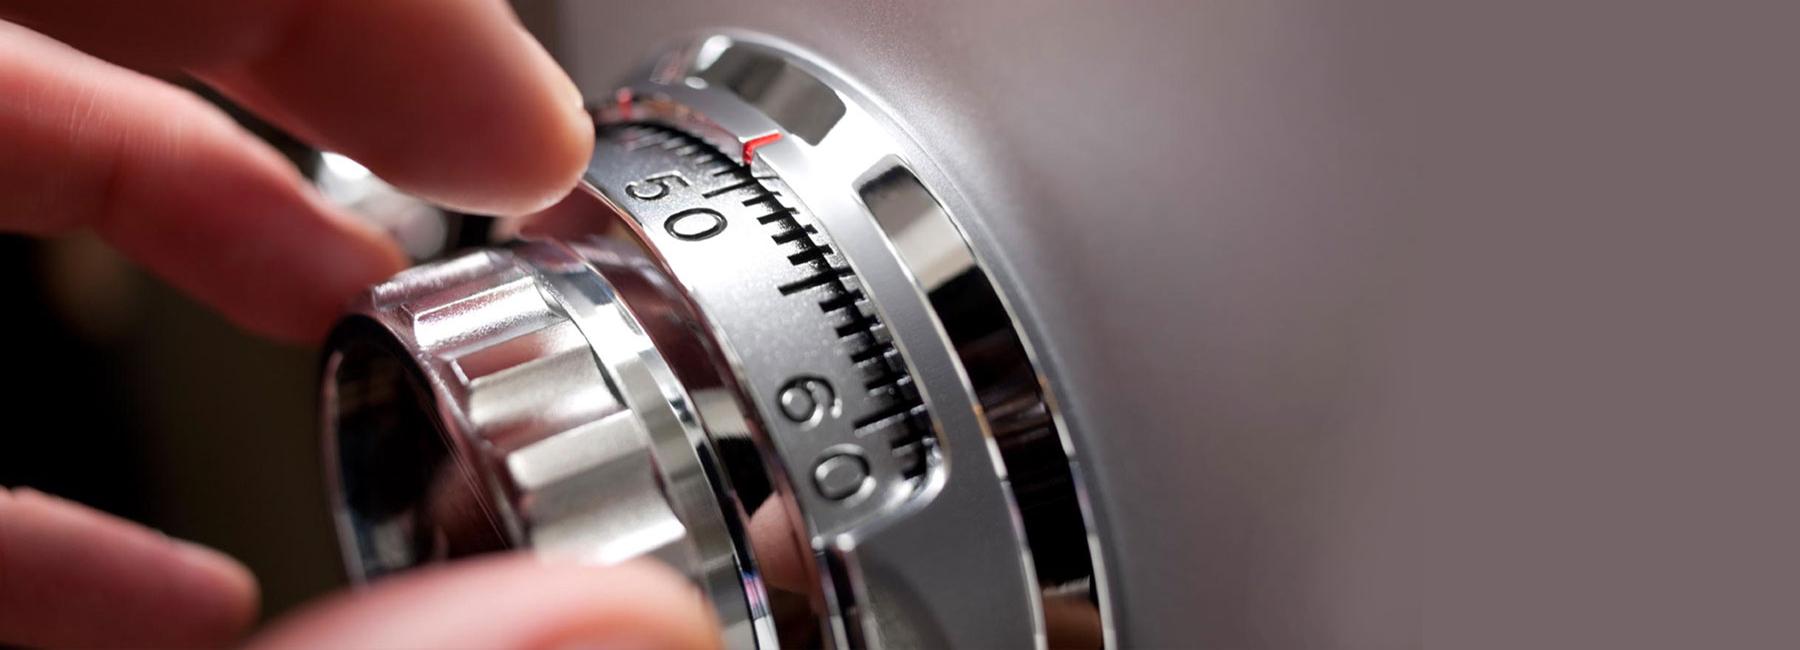 Safes-and-Vaults-slide